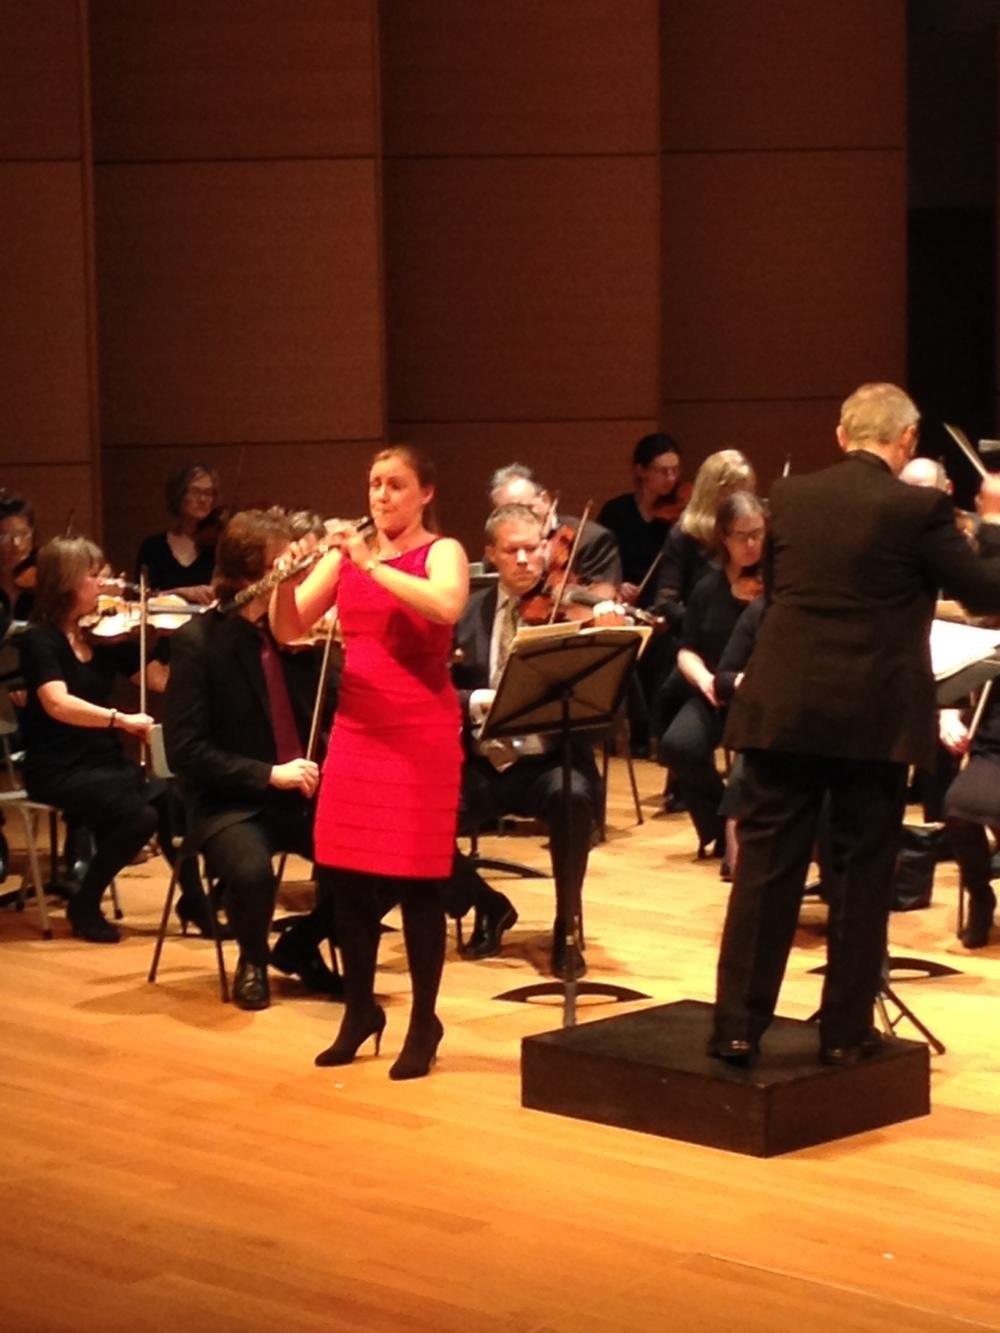 Una Clark Young Soloists Concert